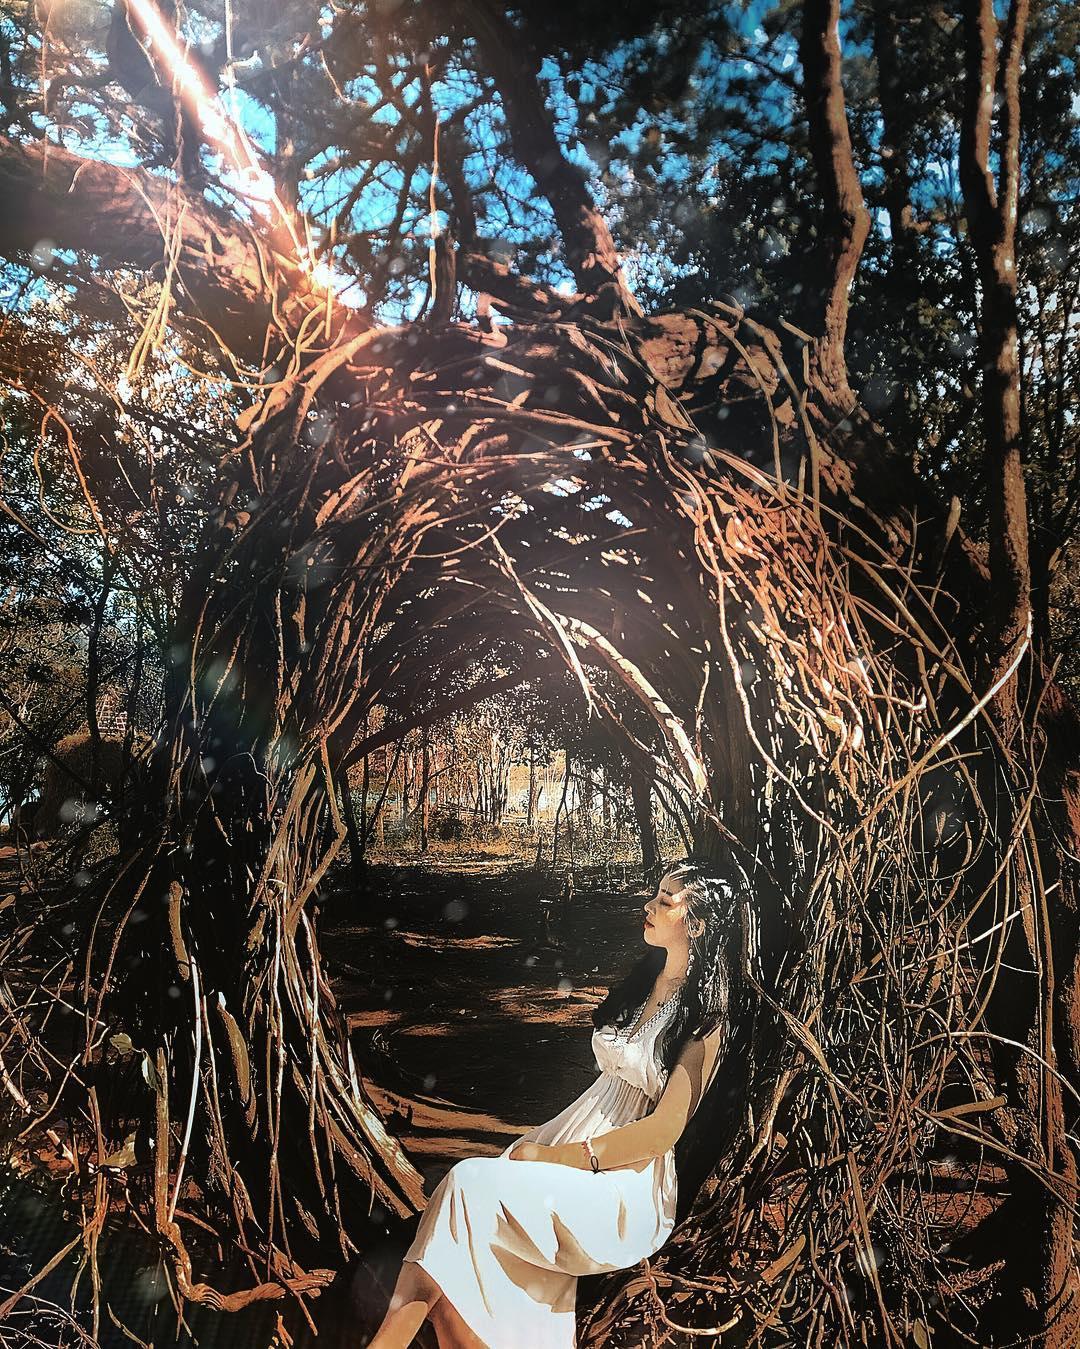 da-lat-secret-garden-sg-newland-da-lat-15